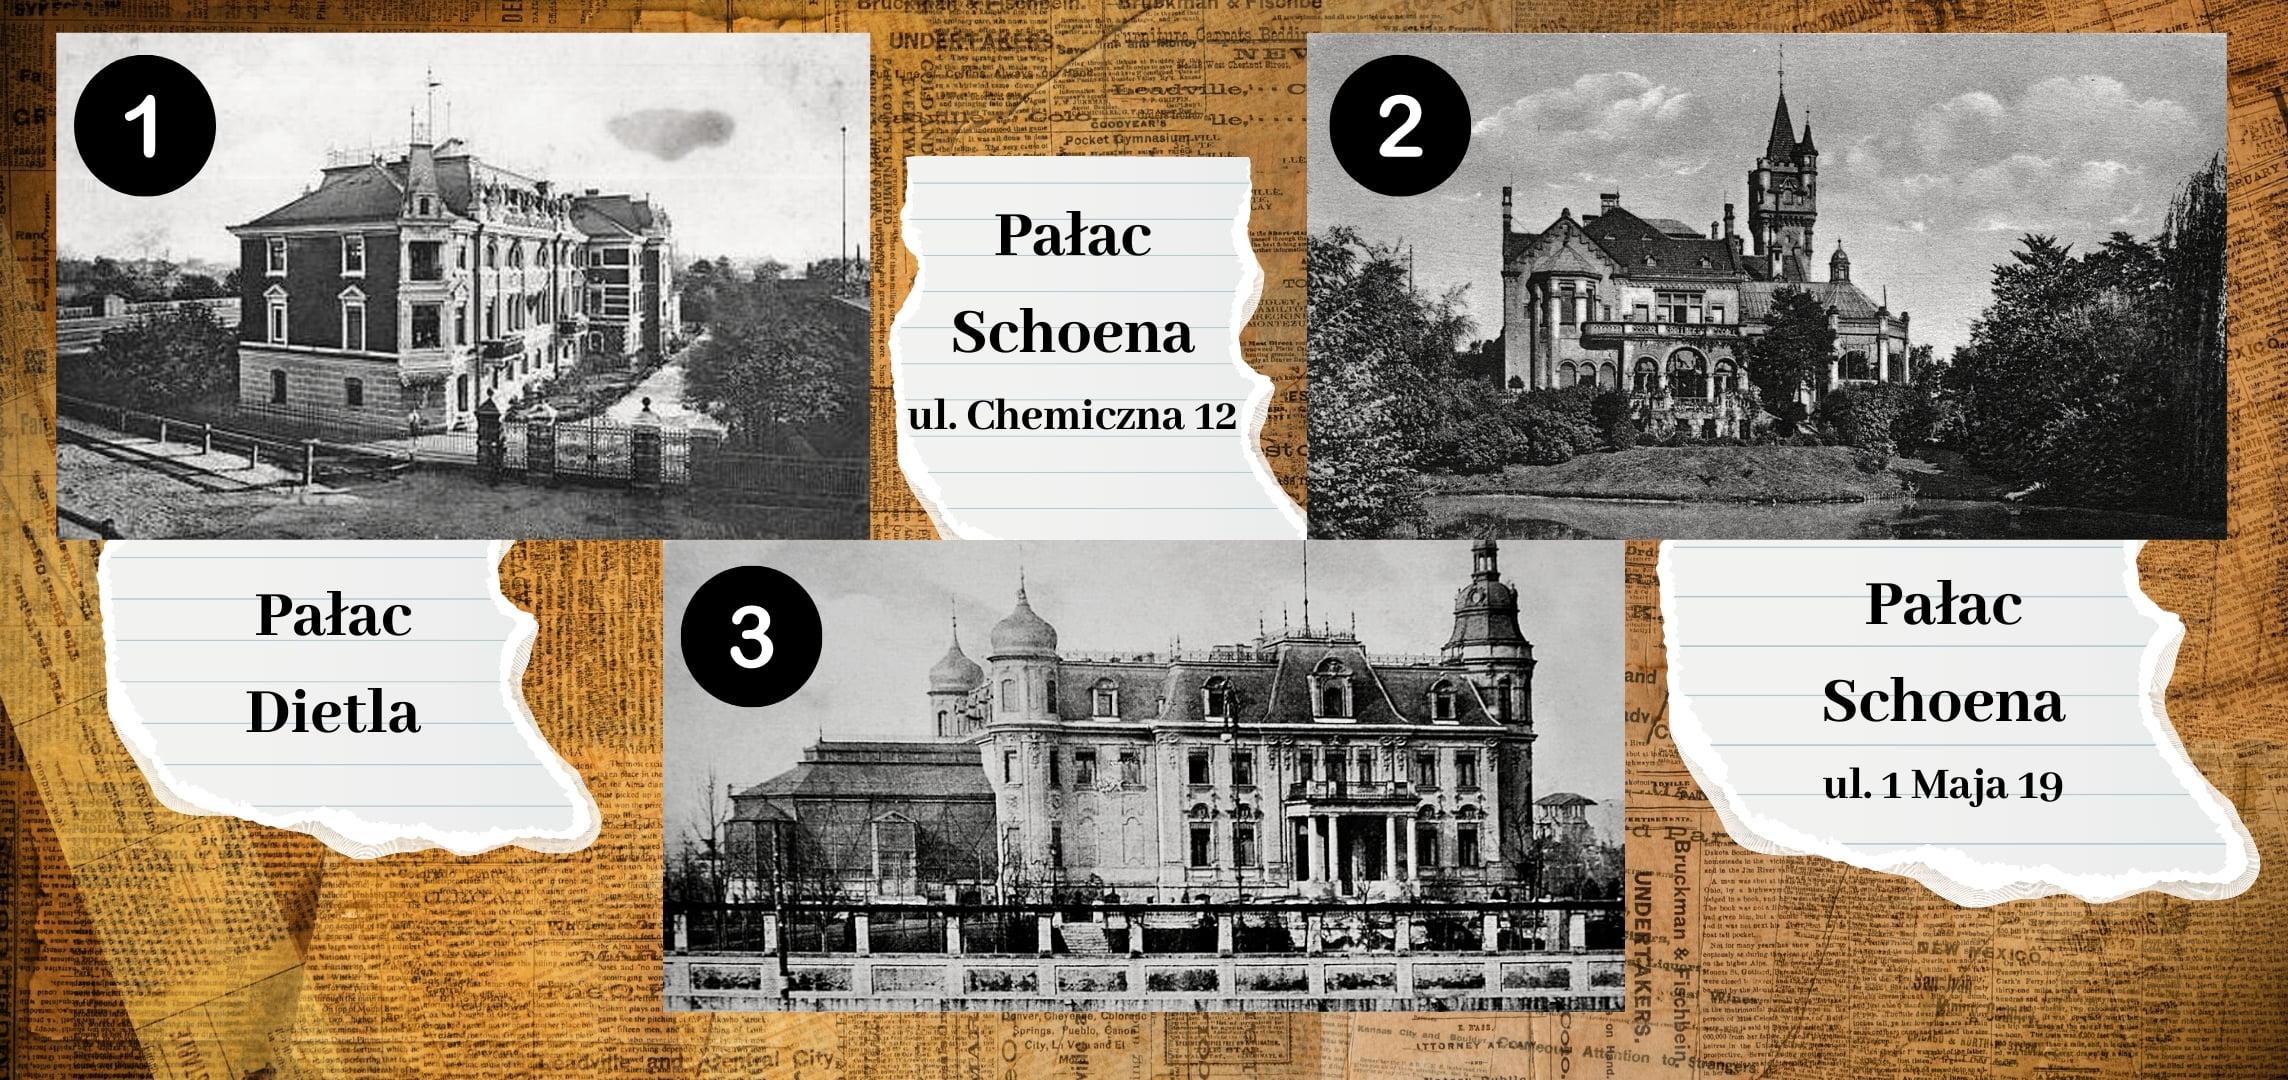 Numer 1 toPałac Dietla. Numer 2 toPałac Schoena przy ul.1 Maja 19. Numer 3 toPałac Schoena przy ul.Chemicznej 12.